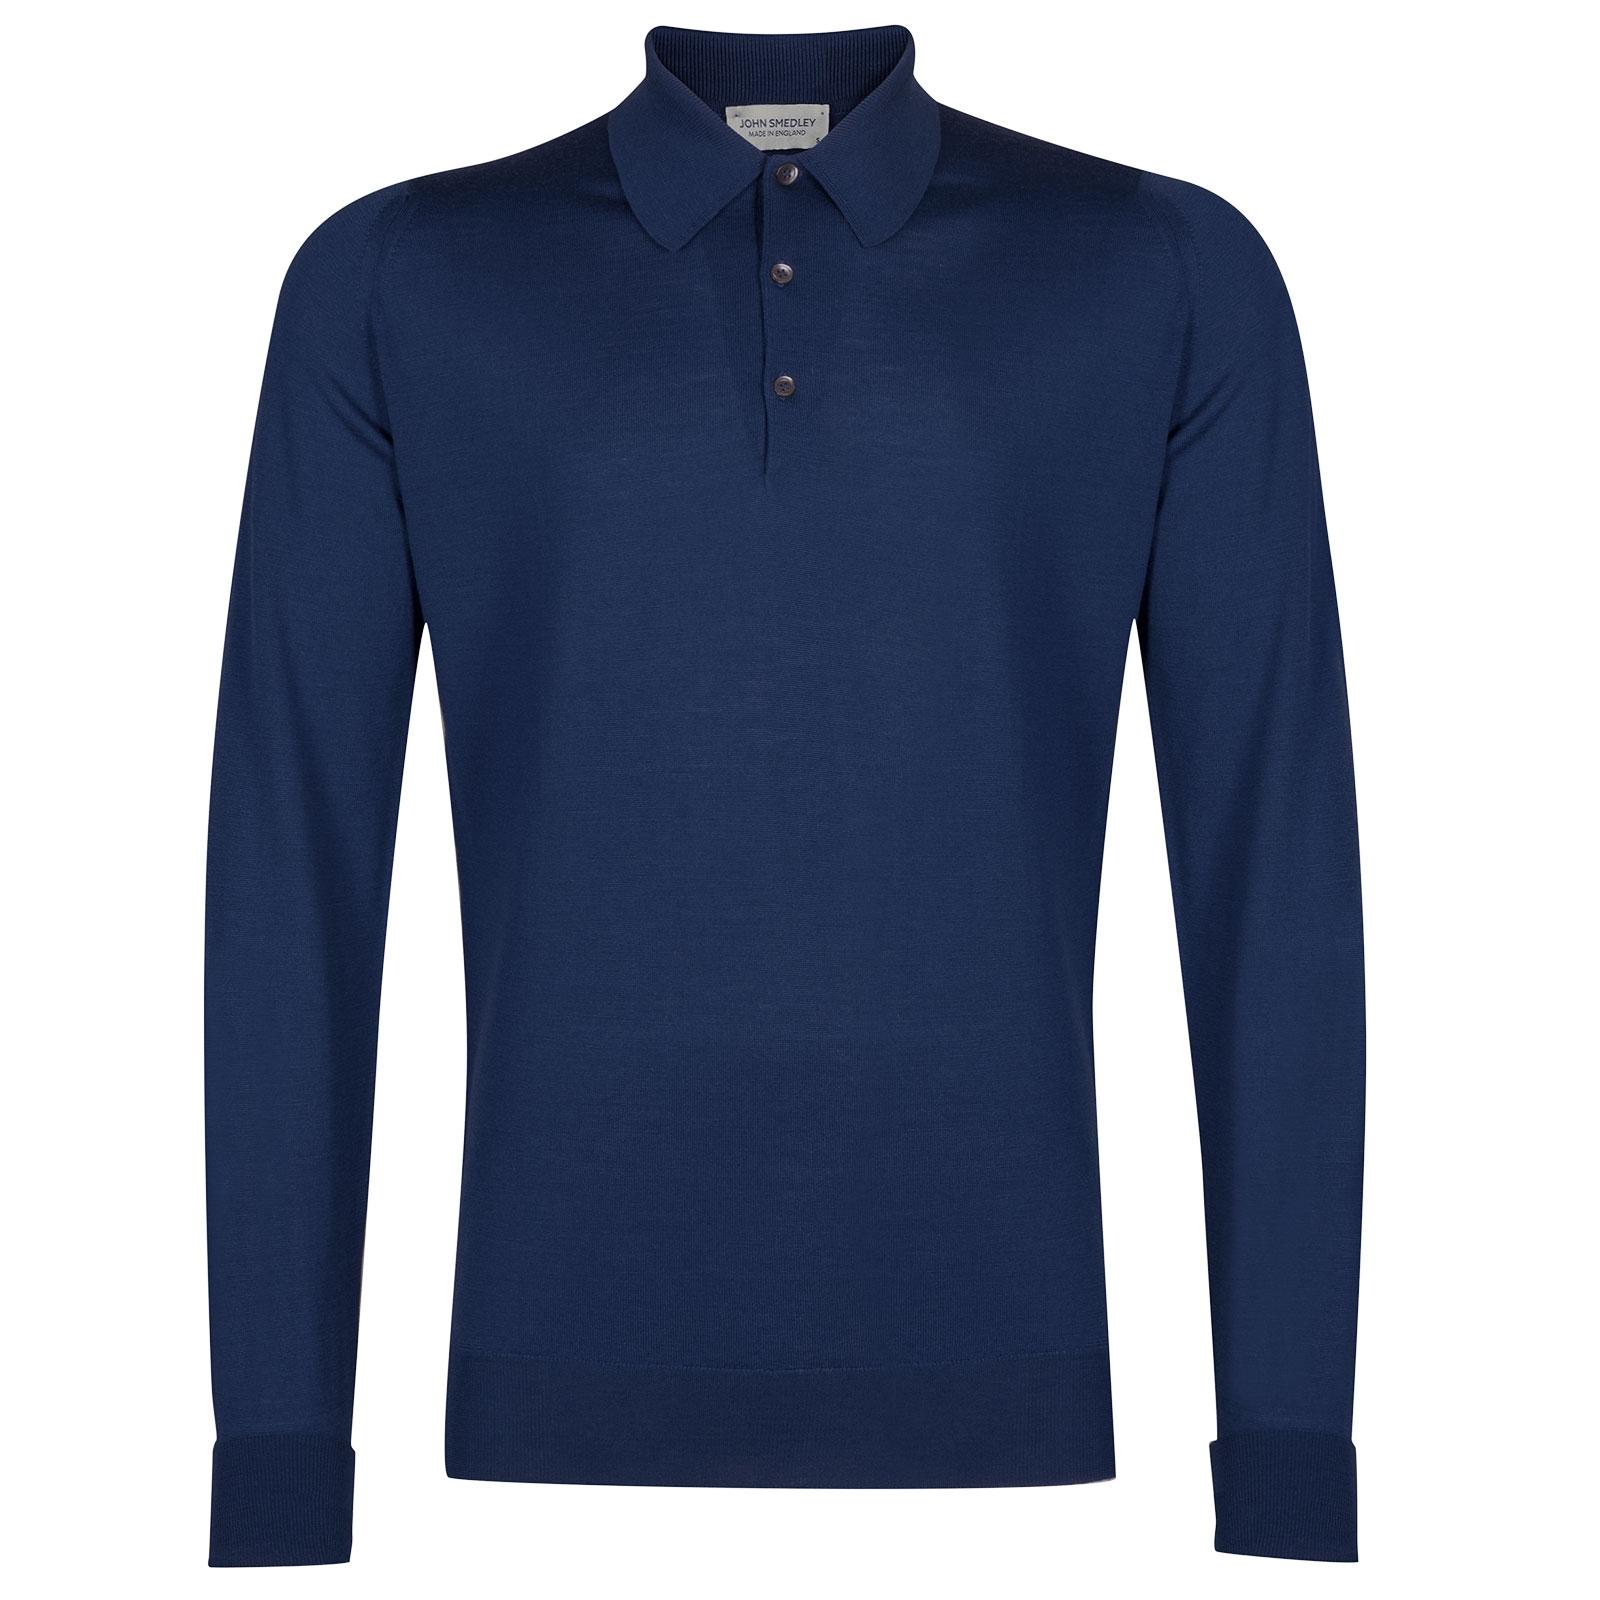 John Smedley Dorset Merino Wool Shirt in Magnetic Cobalt-S